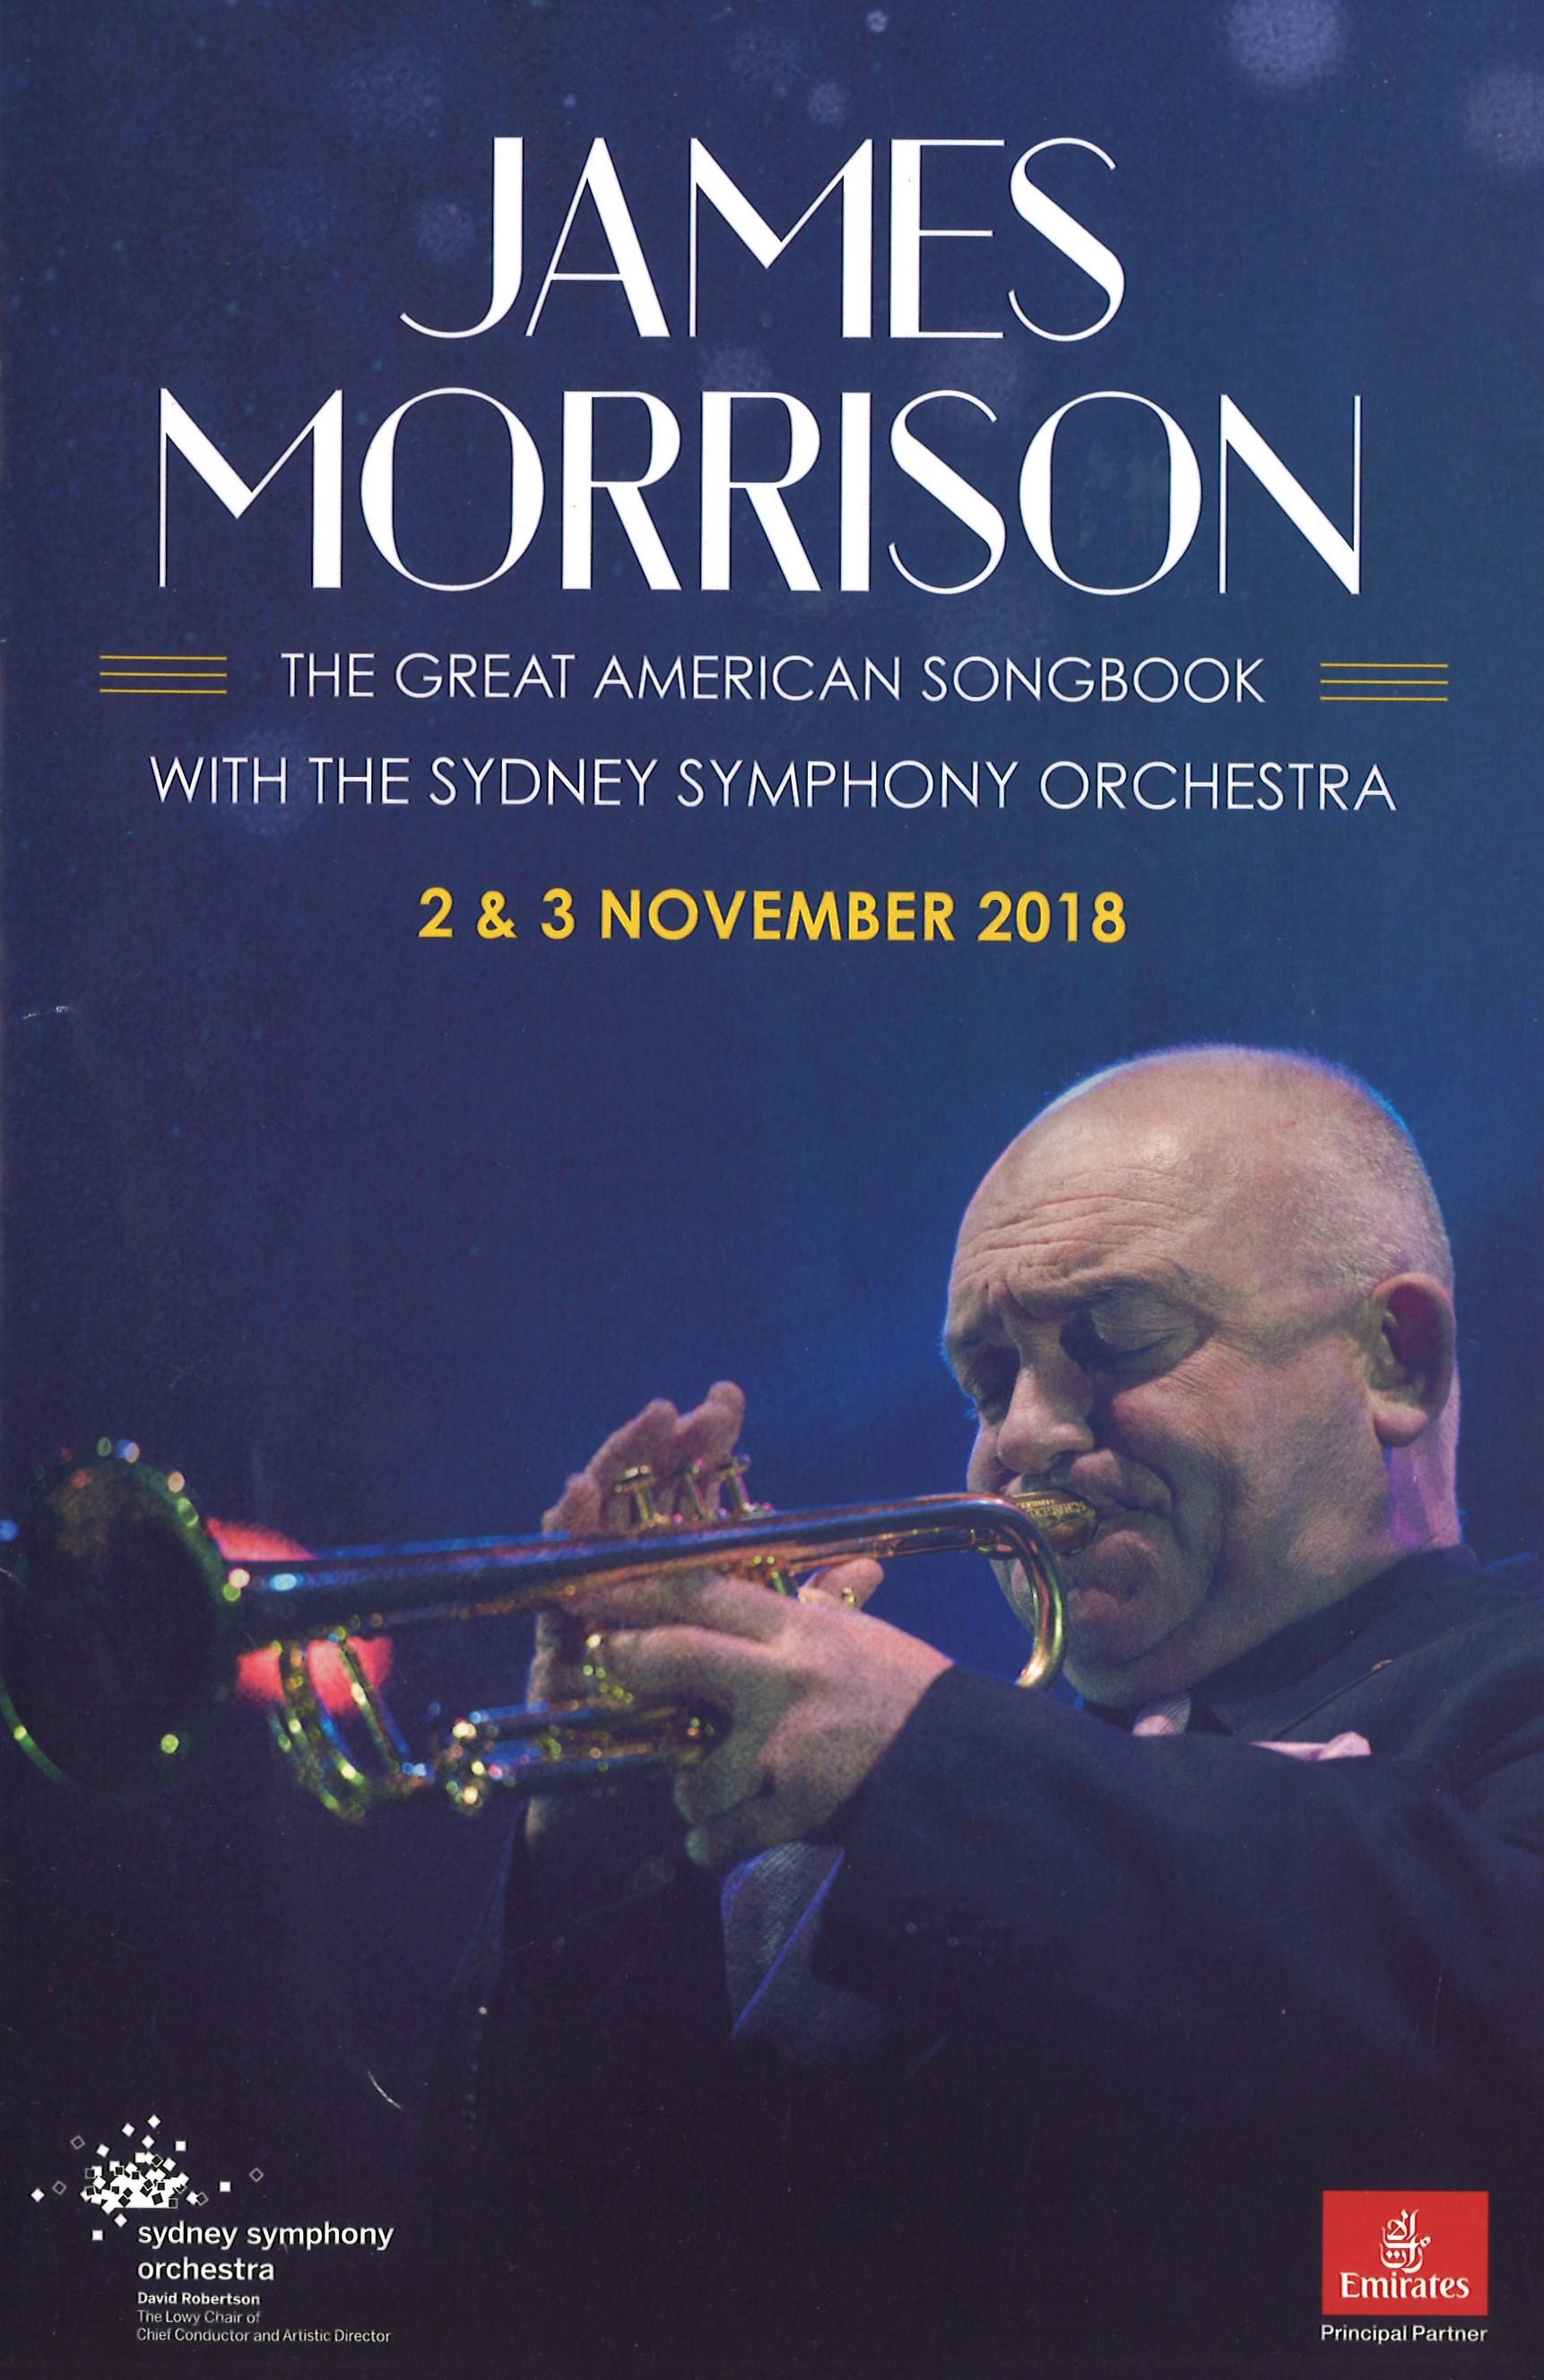 MorrisonJamesSSOProgram.jpg